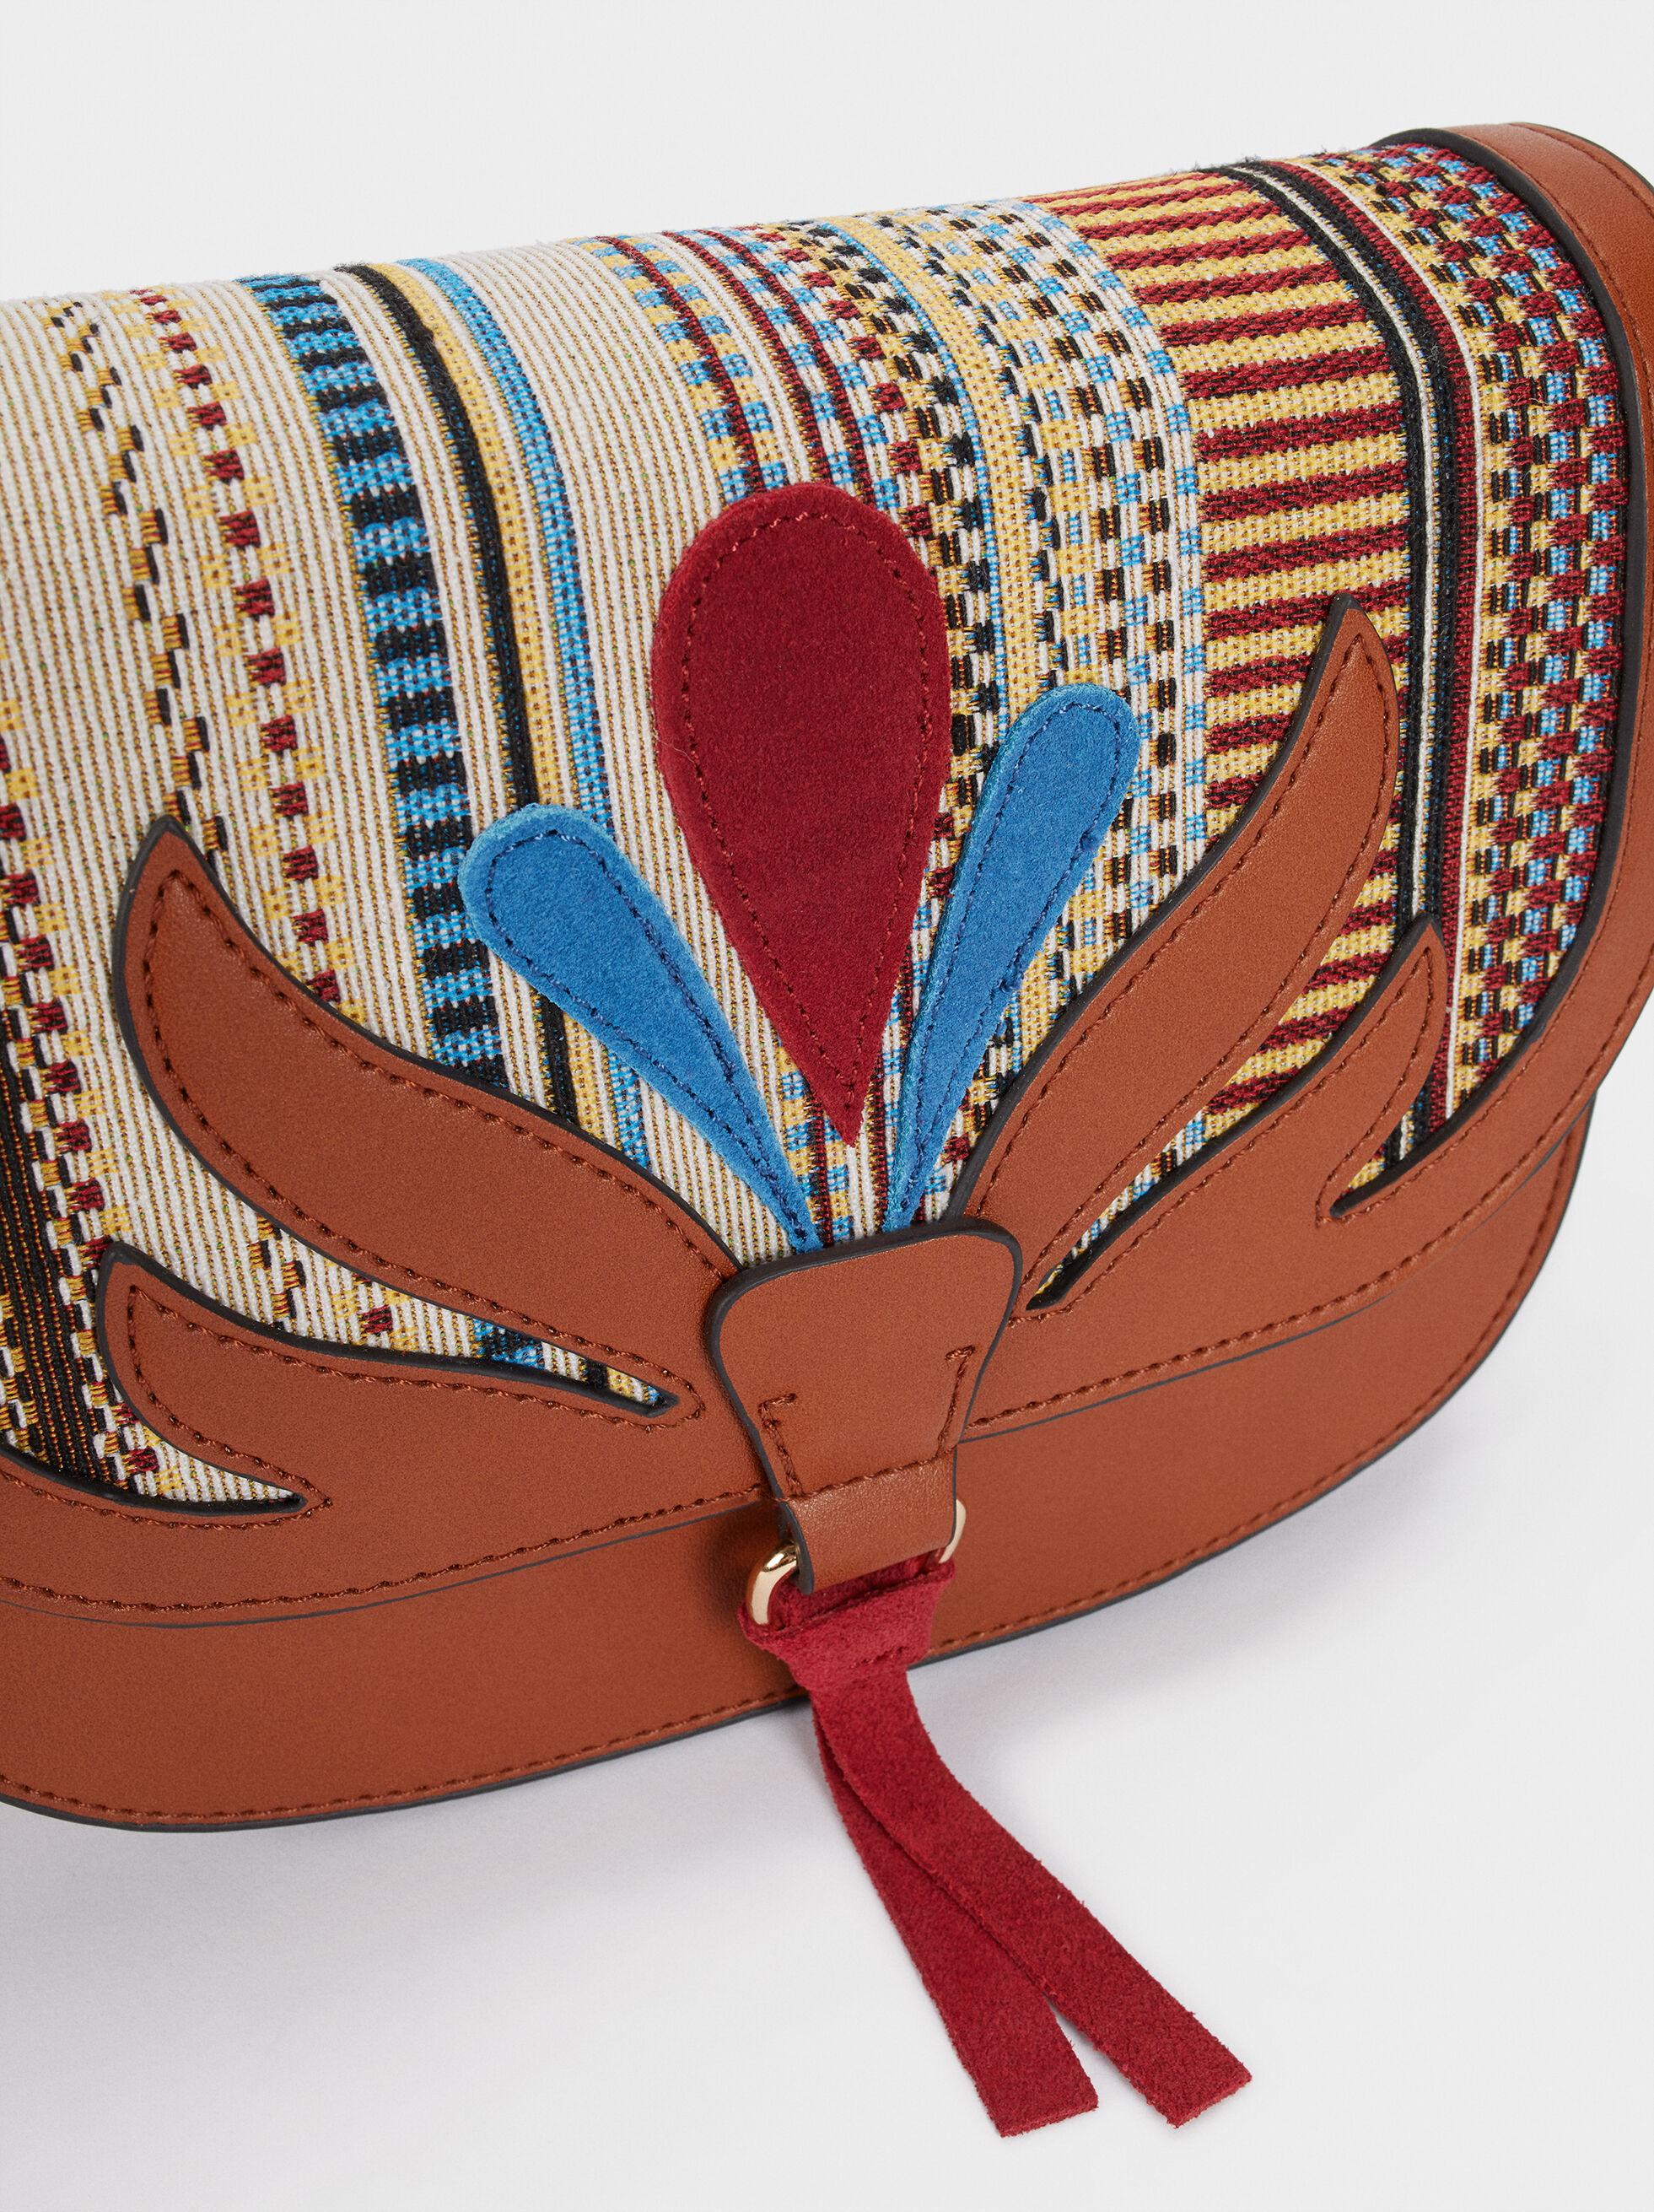 Lotus Cross Bag, Camel, hi-res